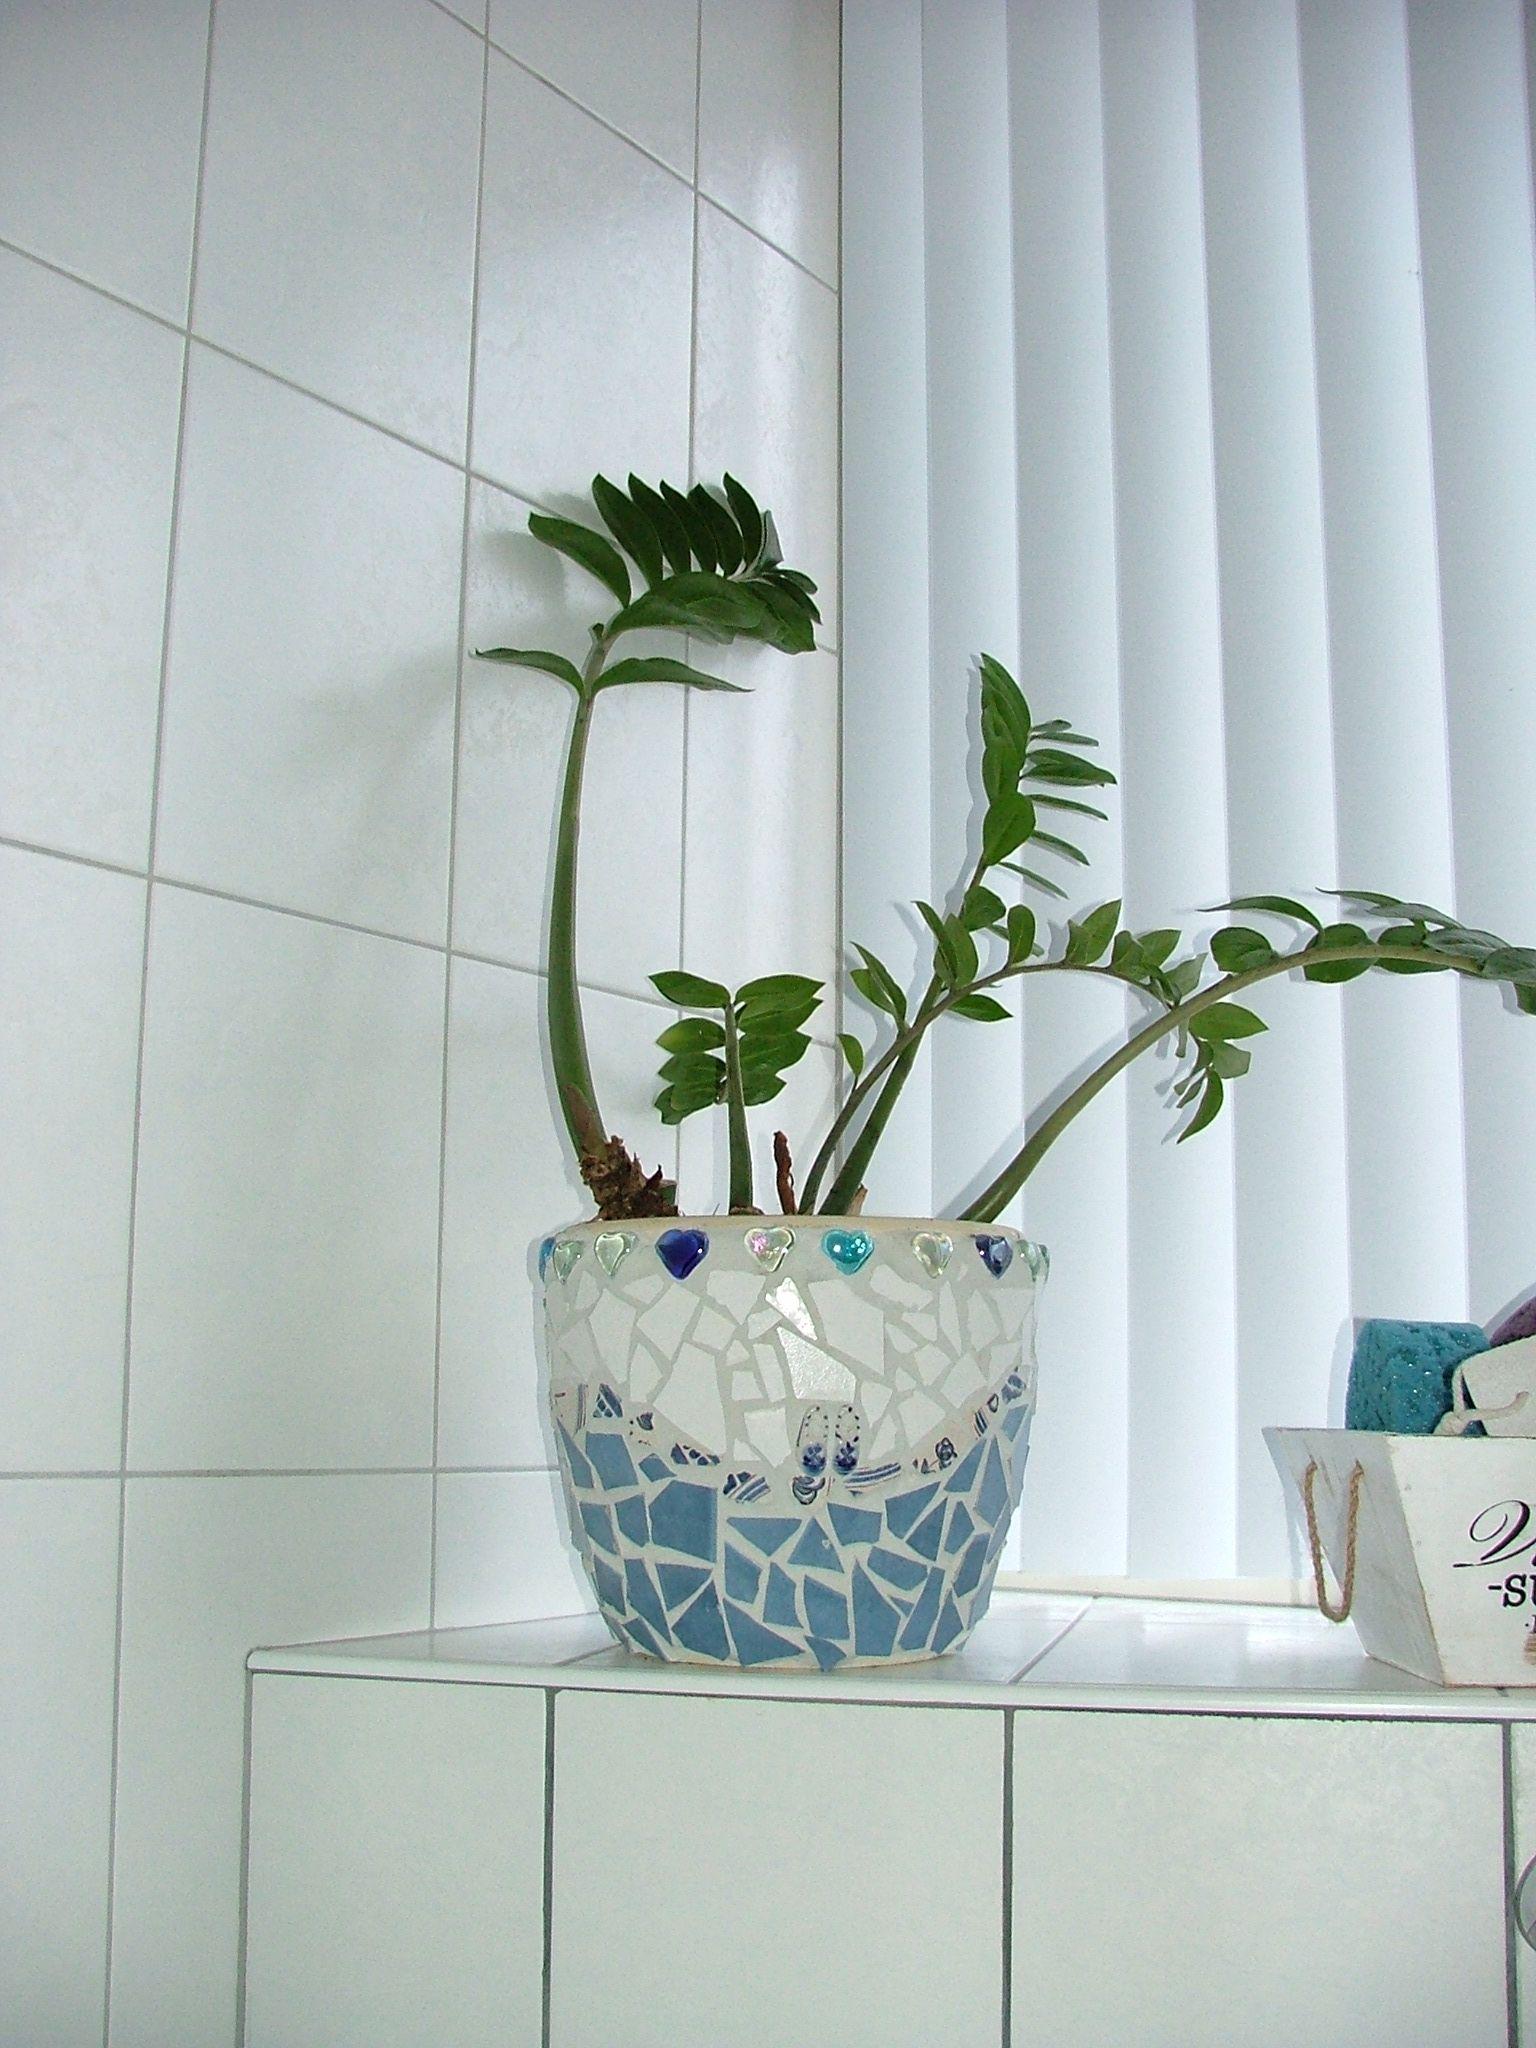 Mozaiek Pot For Plant In Bathroom Mosaics Pinterest